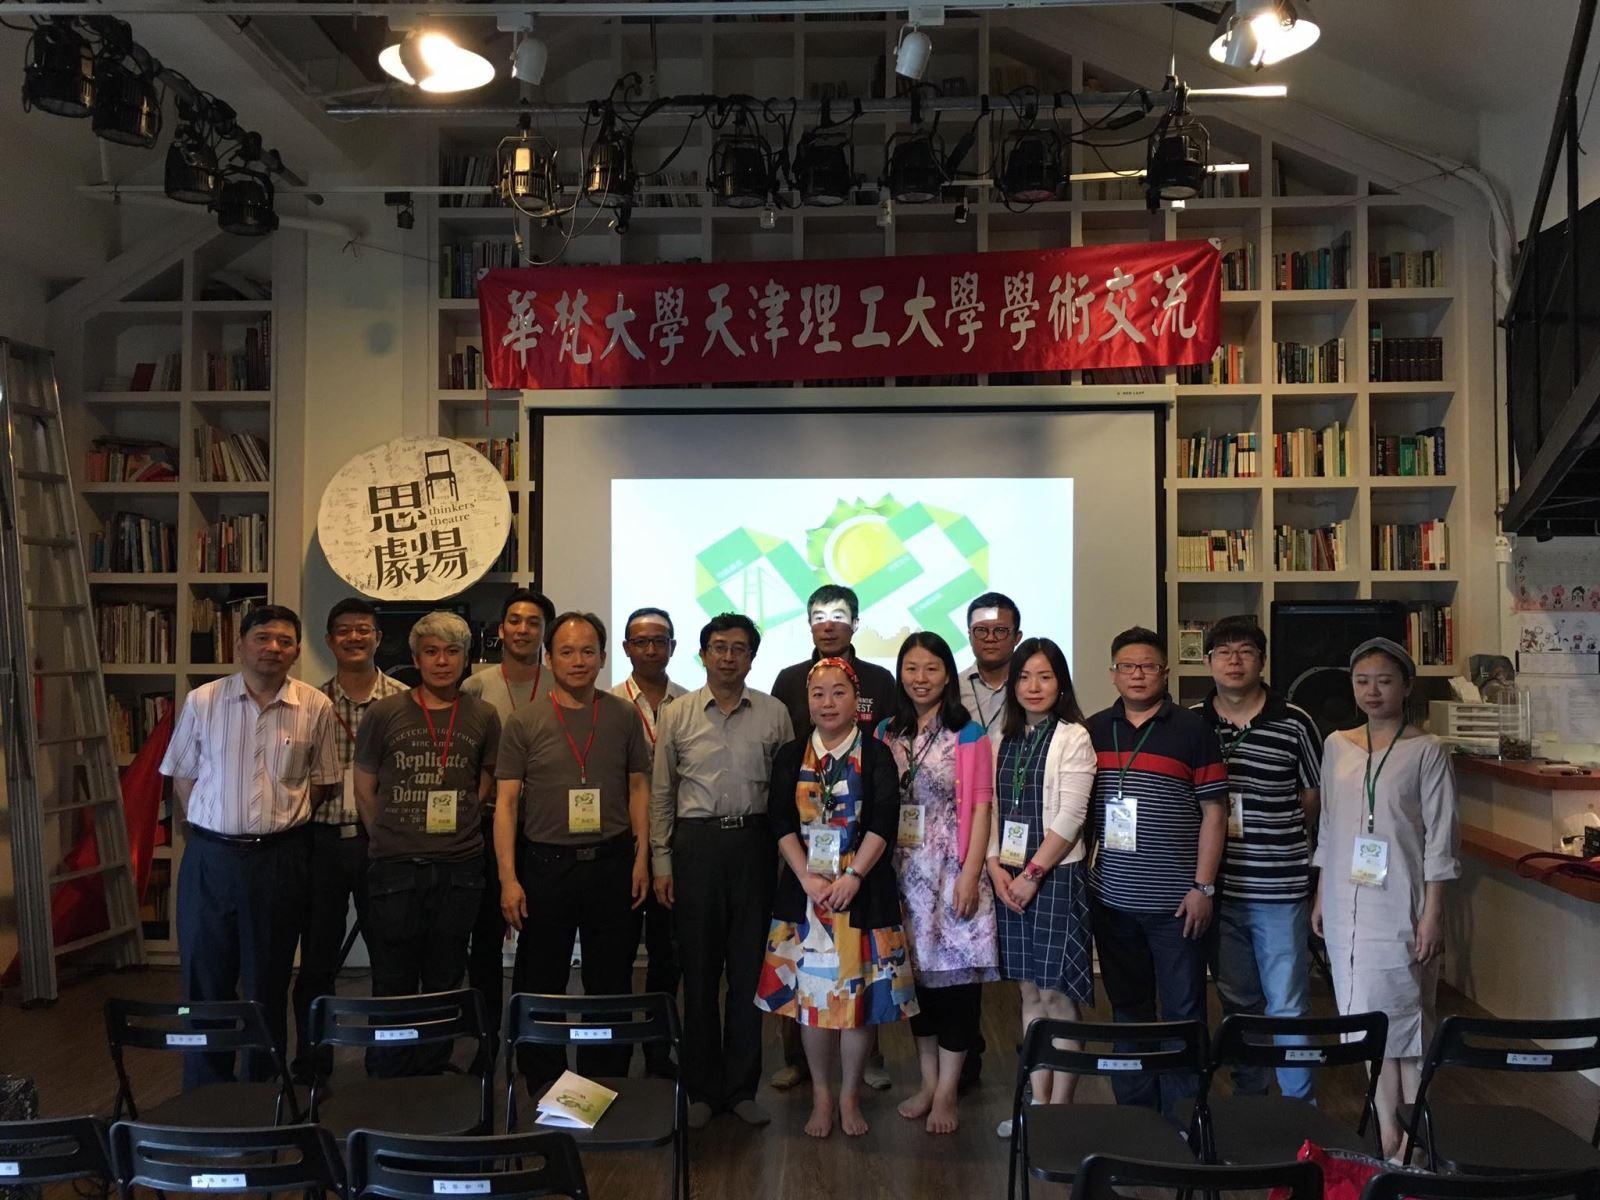 華梵舉辦「天津理工大學與華梵大學設計工作營」